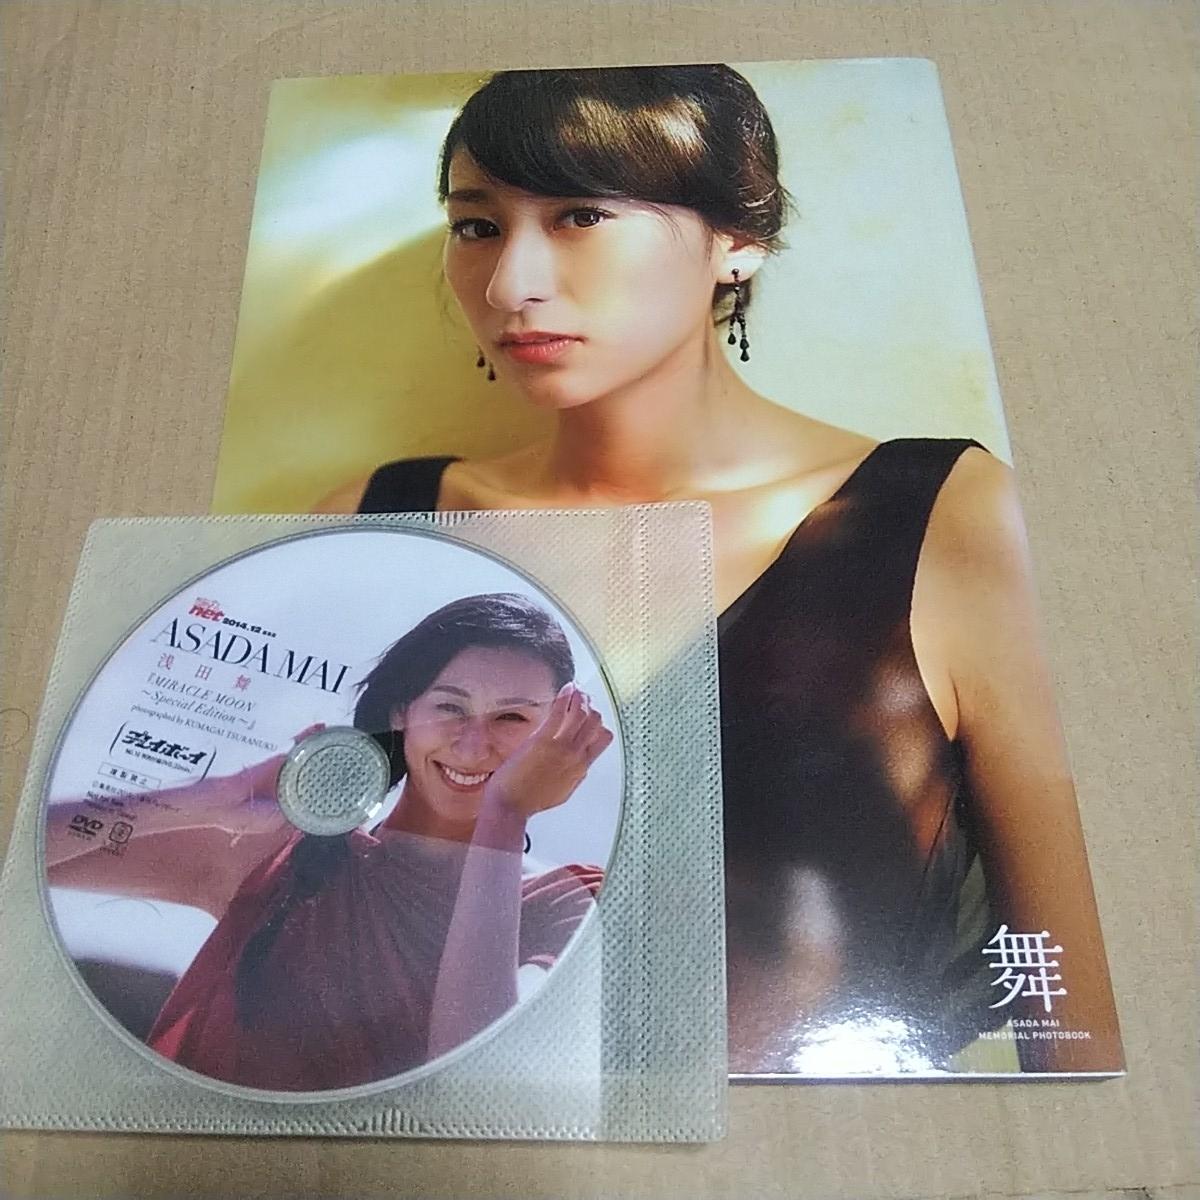 浅田舞 写真集 雑誌付録dvd 雑誌切り抜き5枚9ページ あ行 売買されたオークション情報 Yahooの商品情報をアーカイブ公開 オークファン Aucfan Com